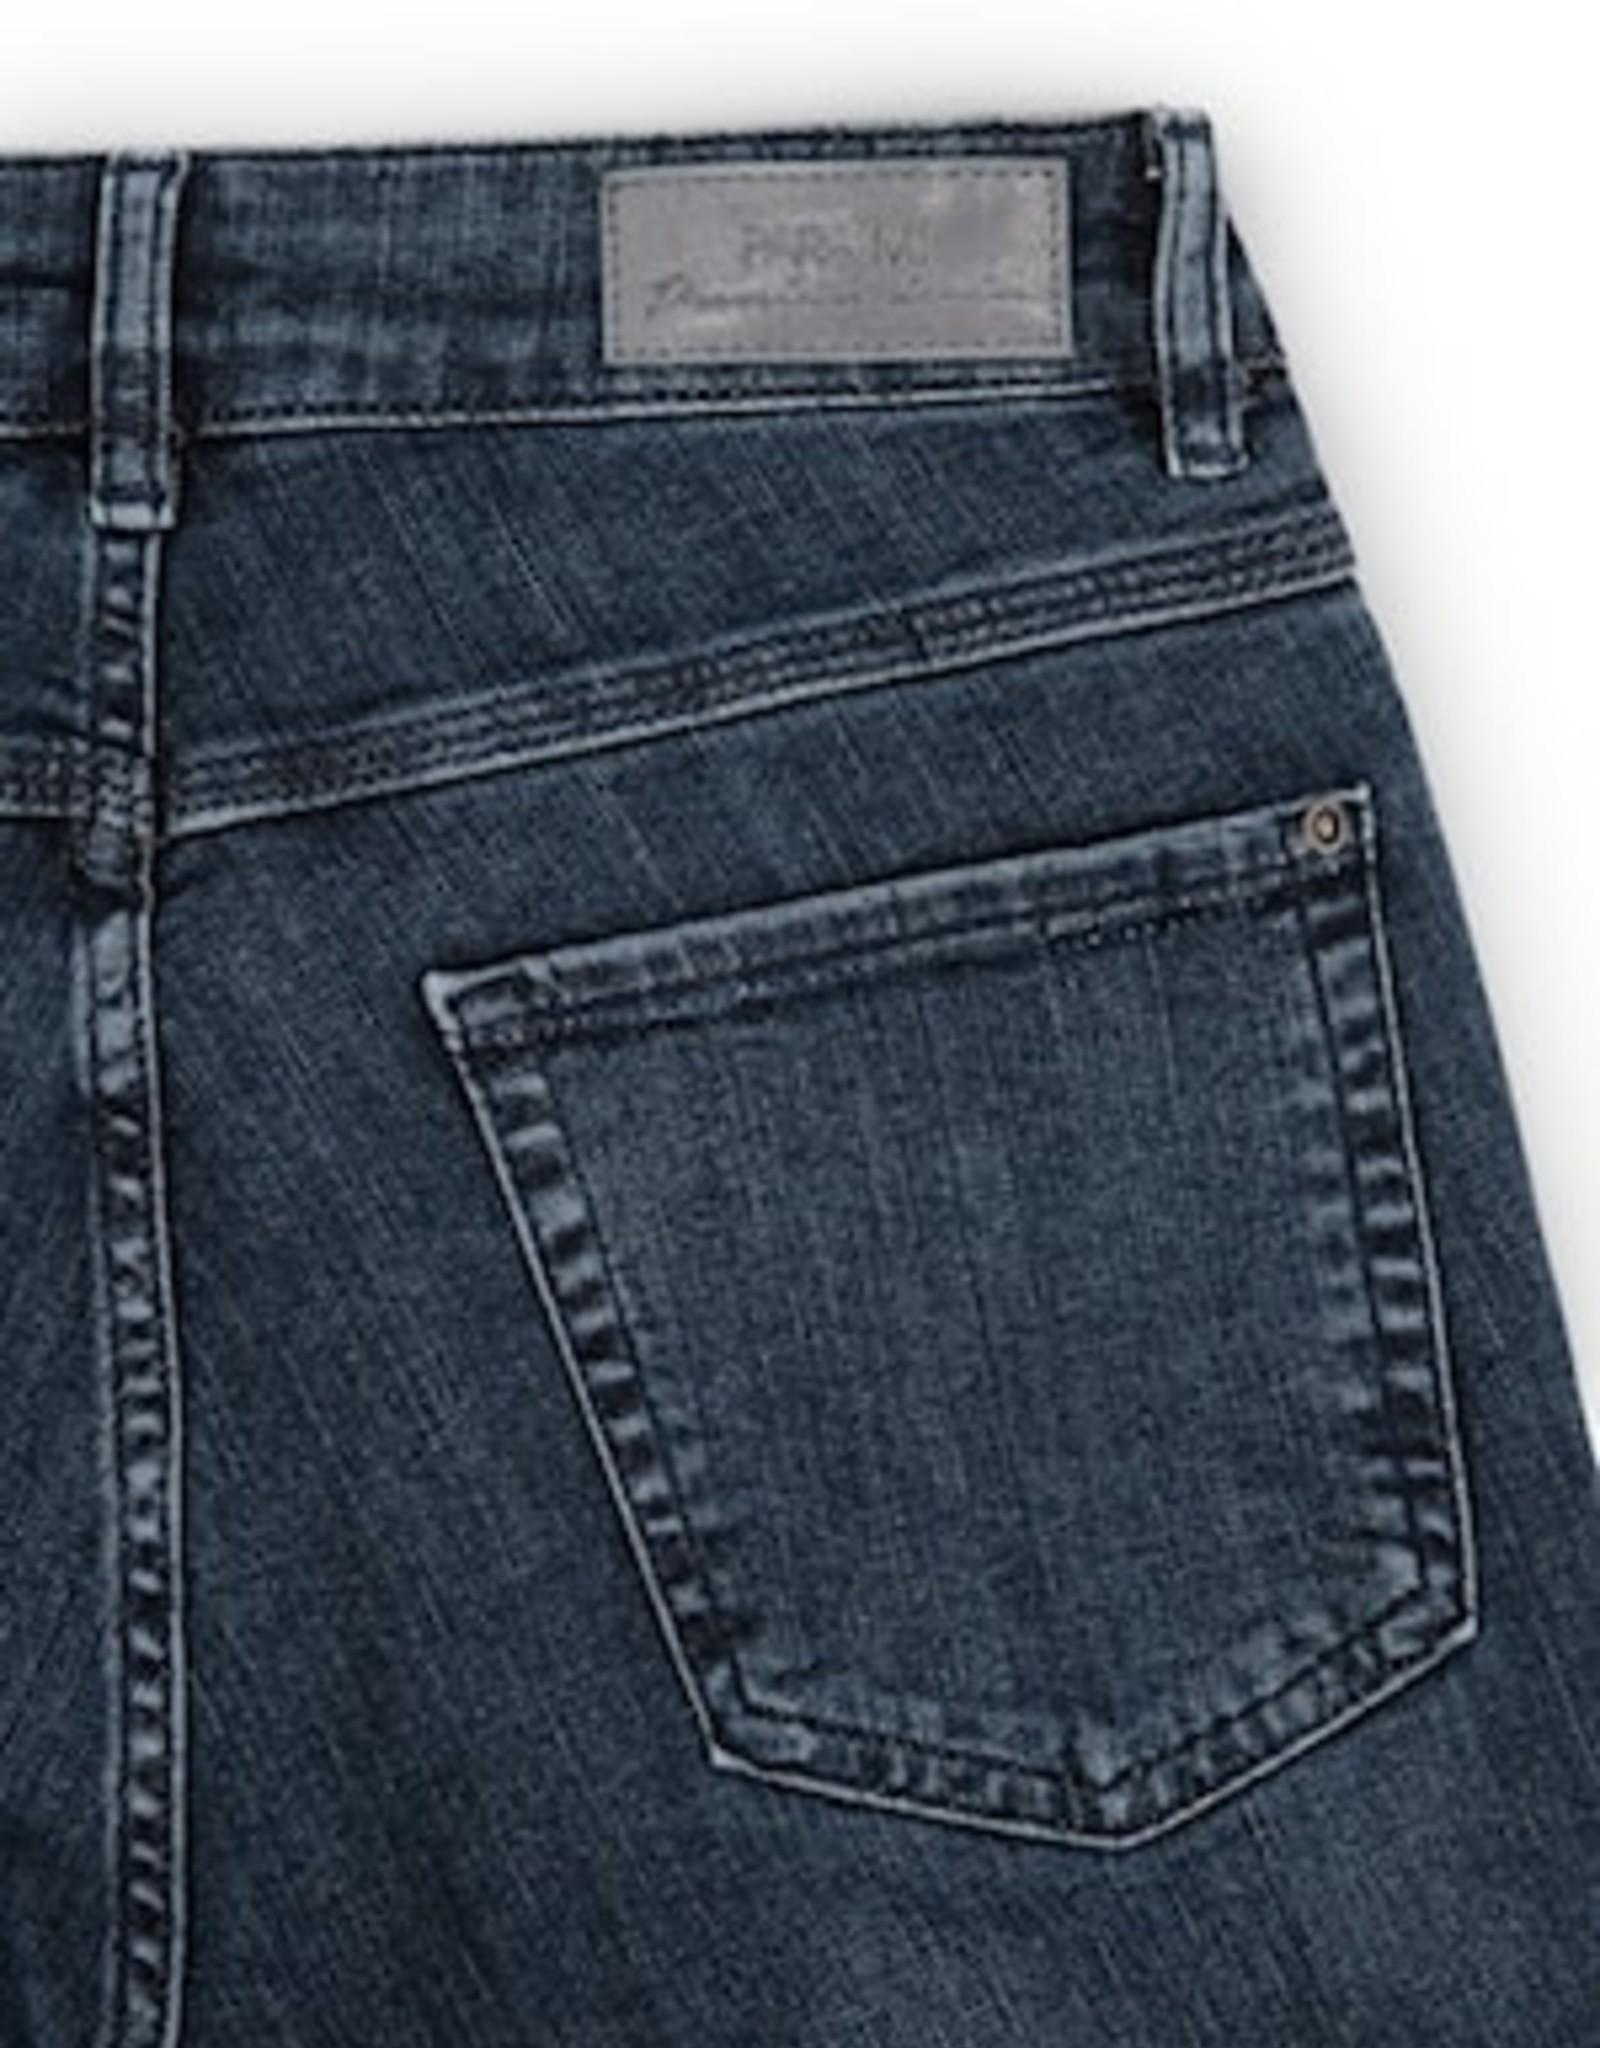 Para MI Jeans Celine Fancy Used Rebel Blue